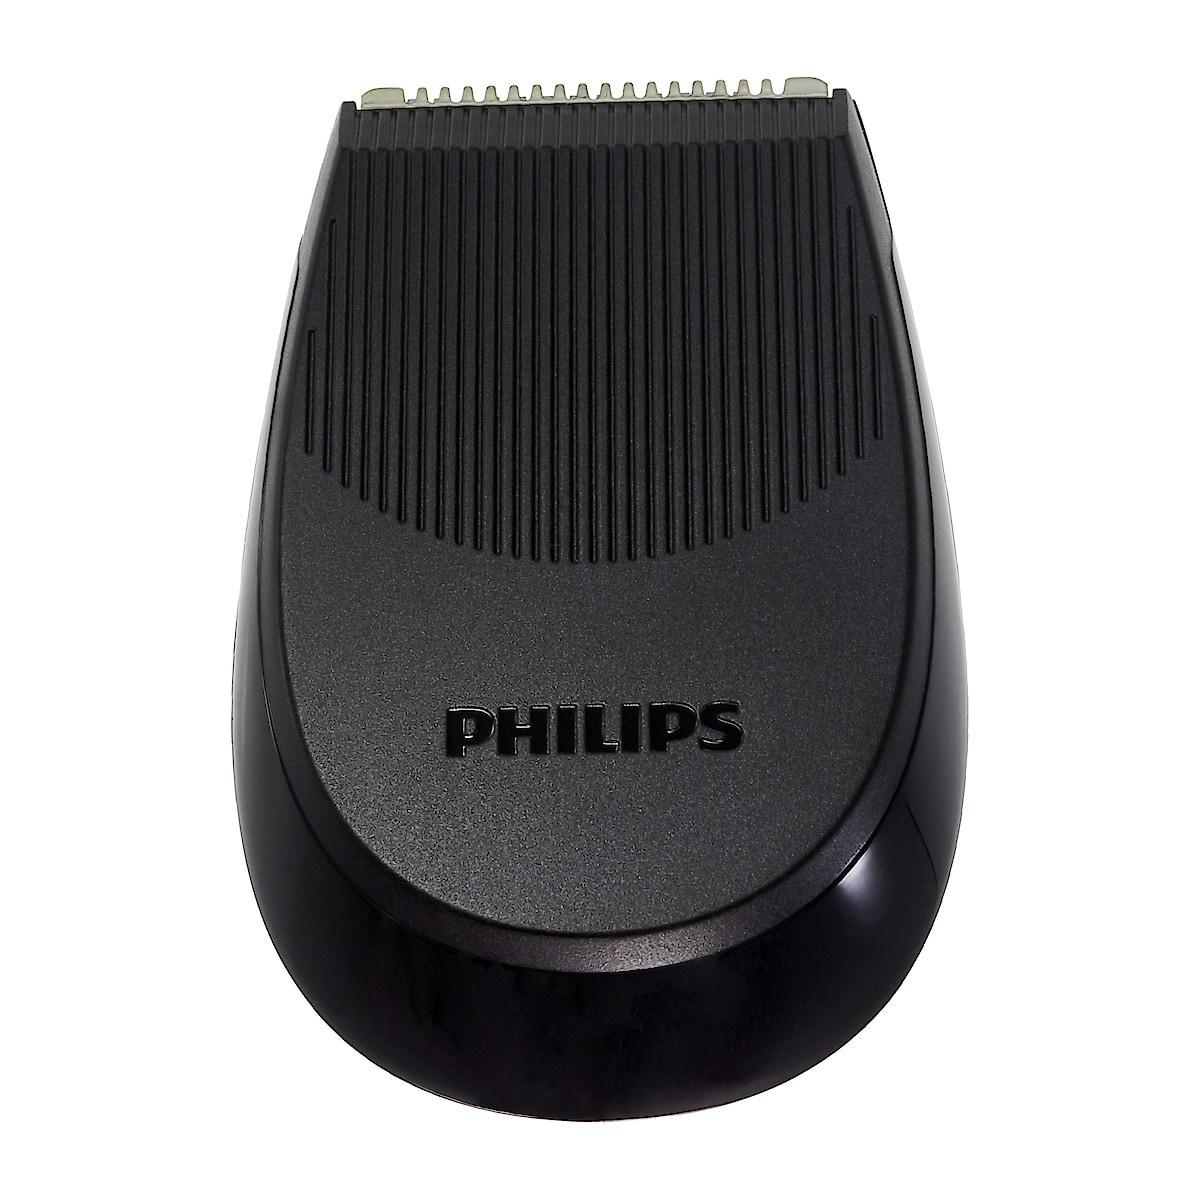 Philips CP9061 presisjonstrimmer